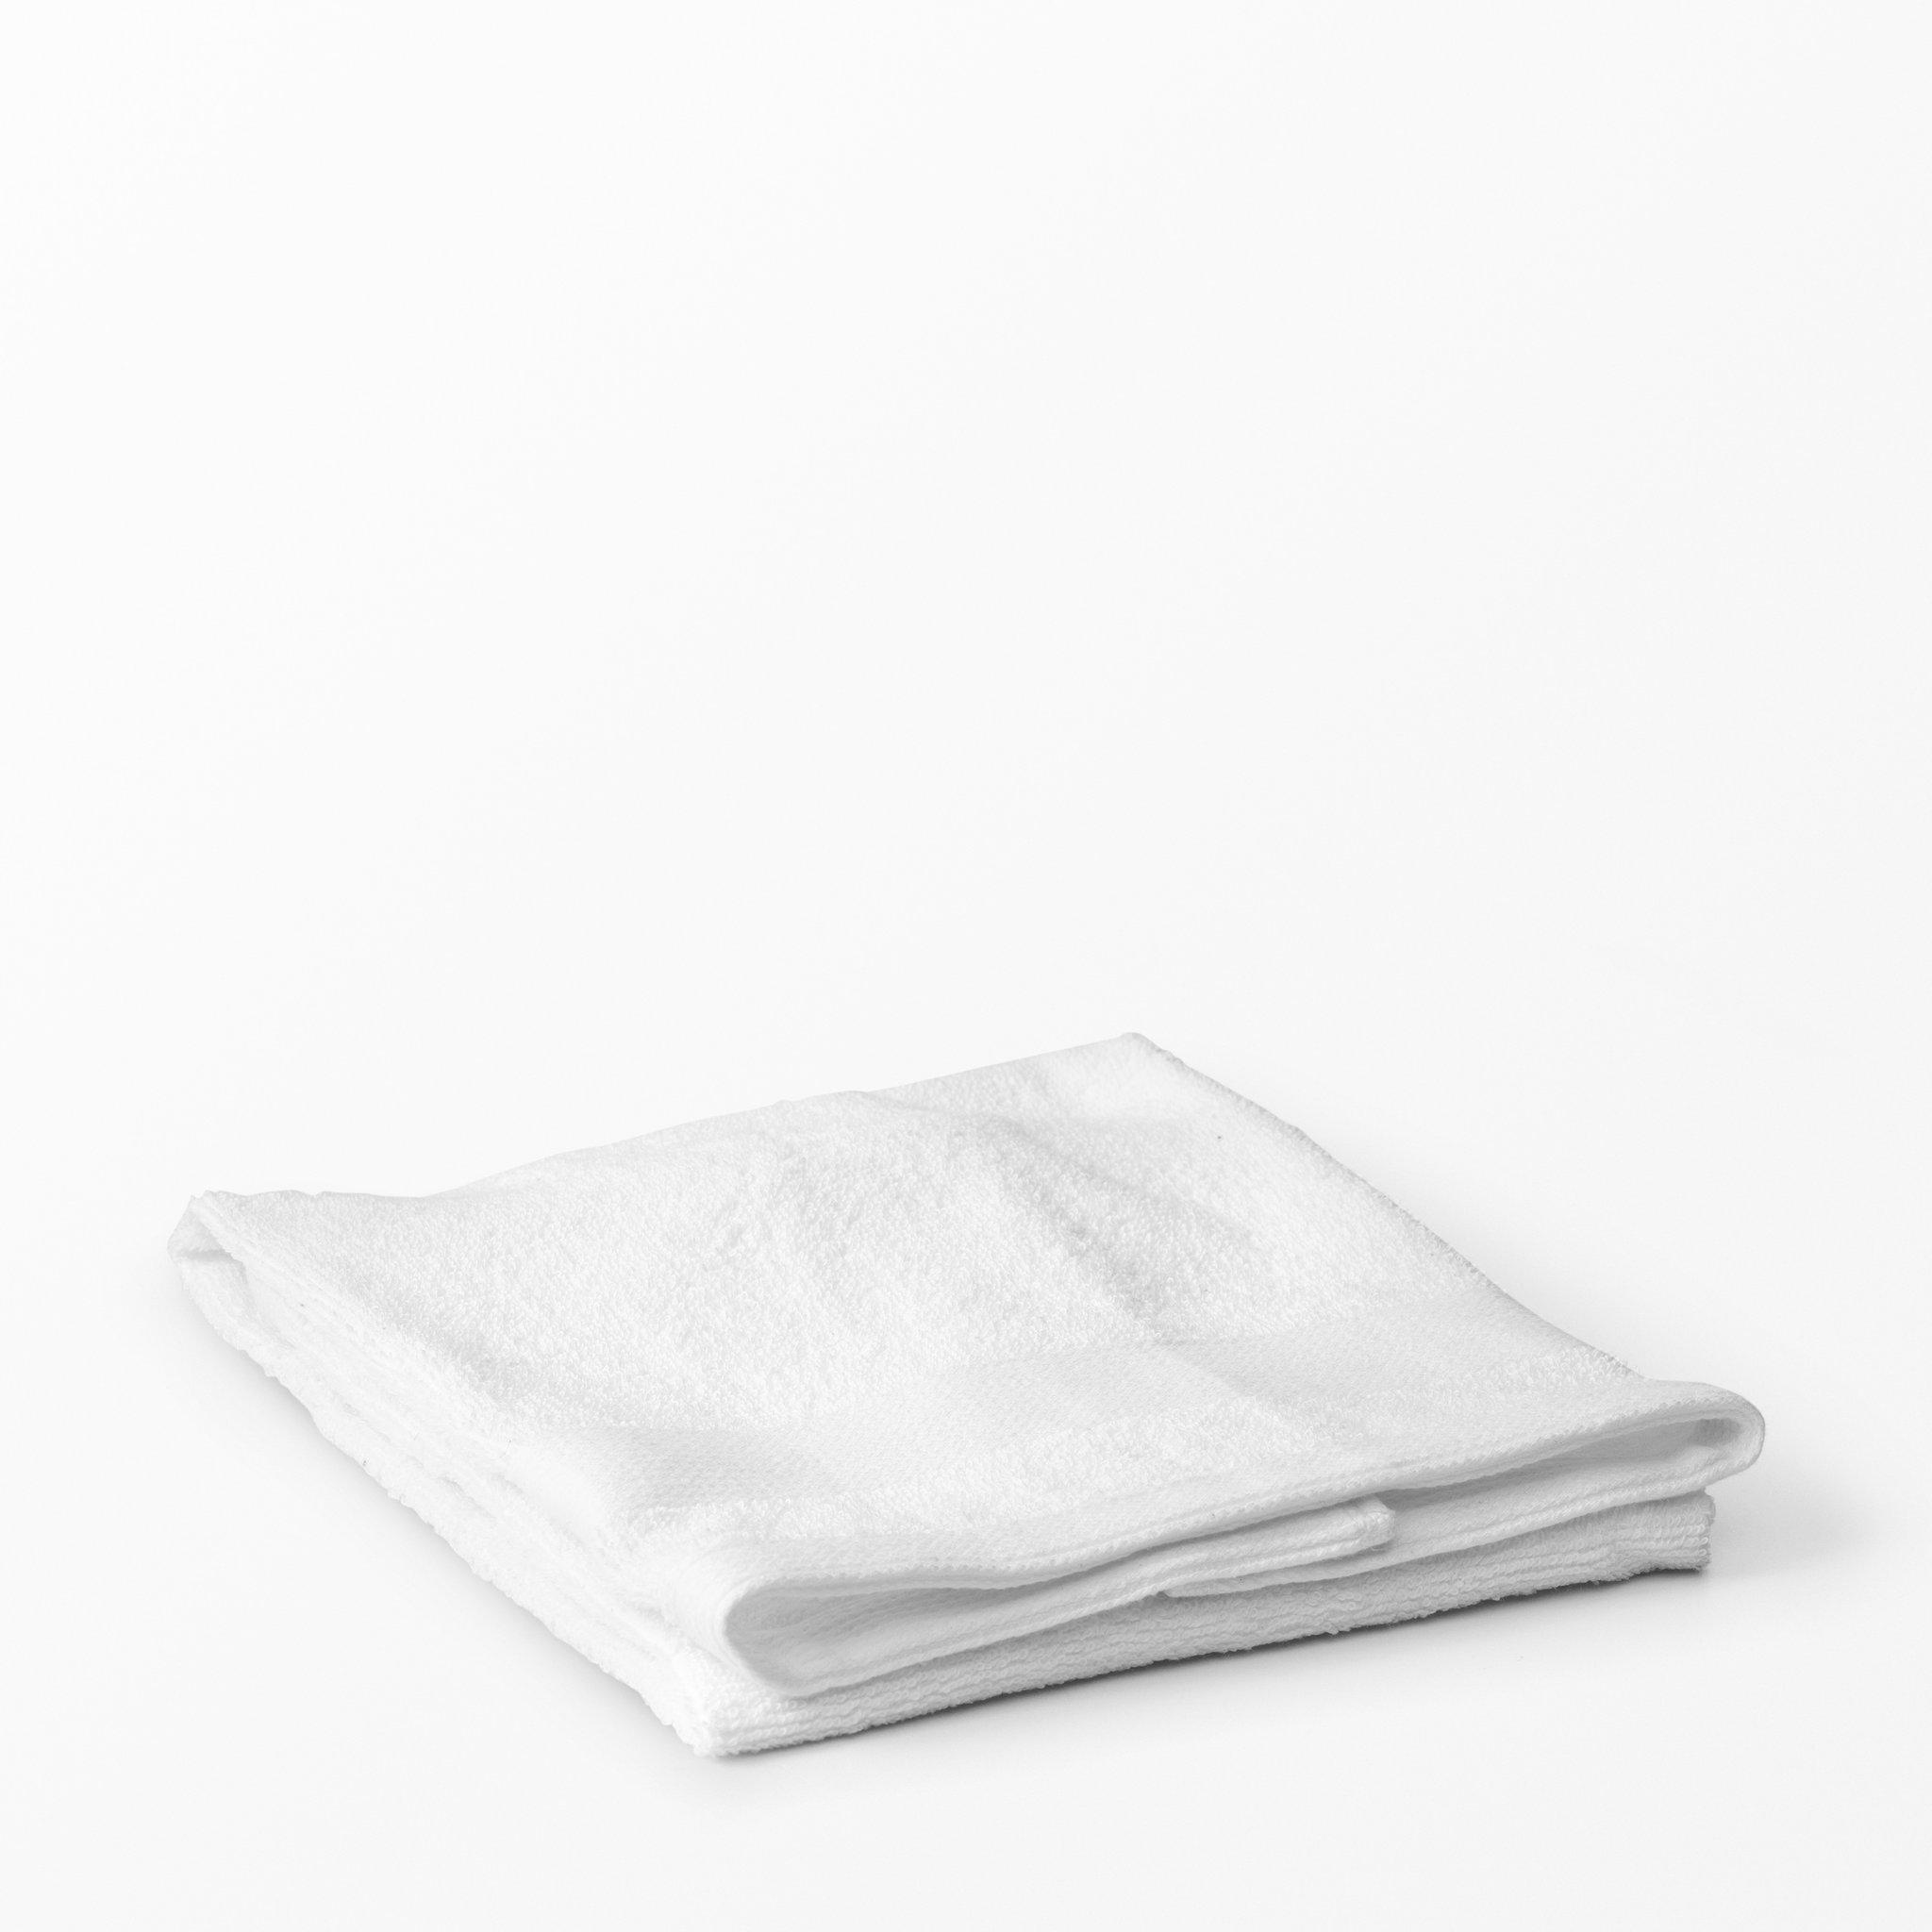 Handdukar & badlakan - Köp online på åhlens.se!